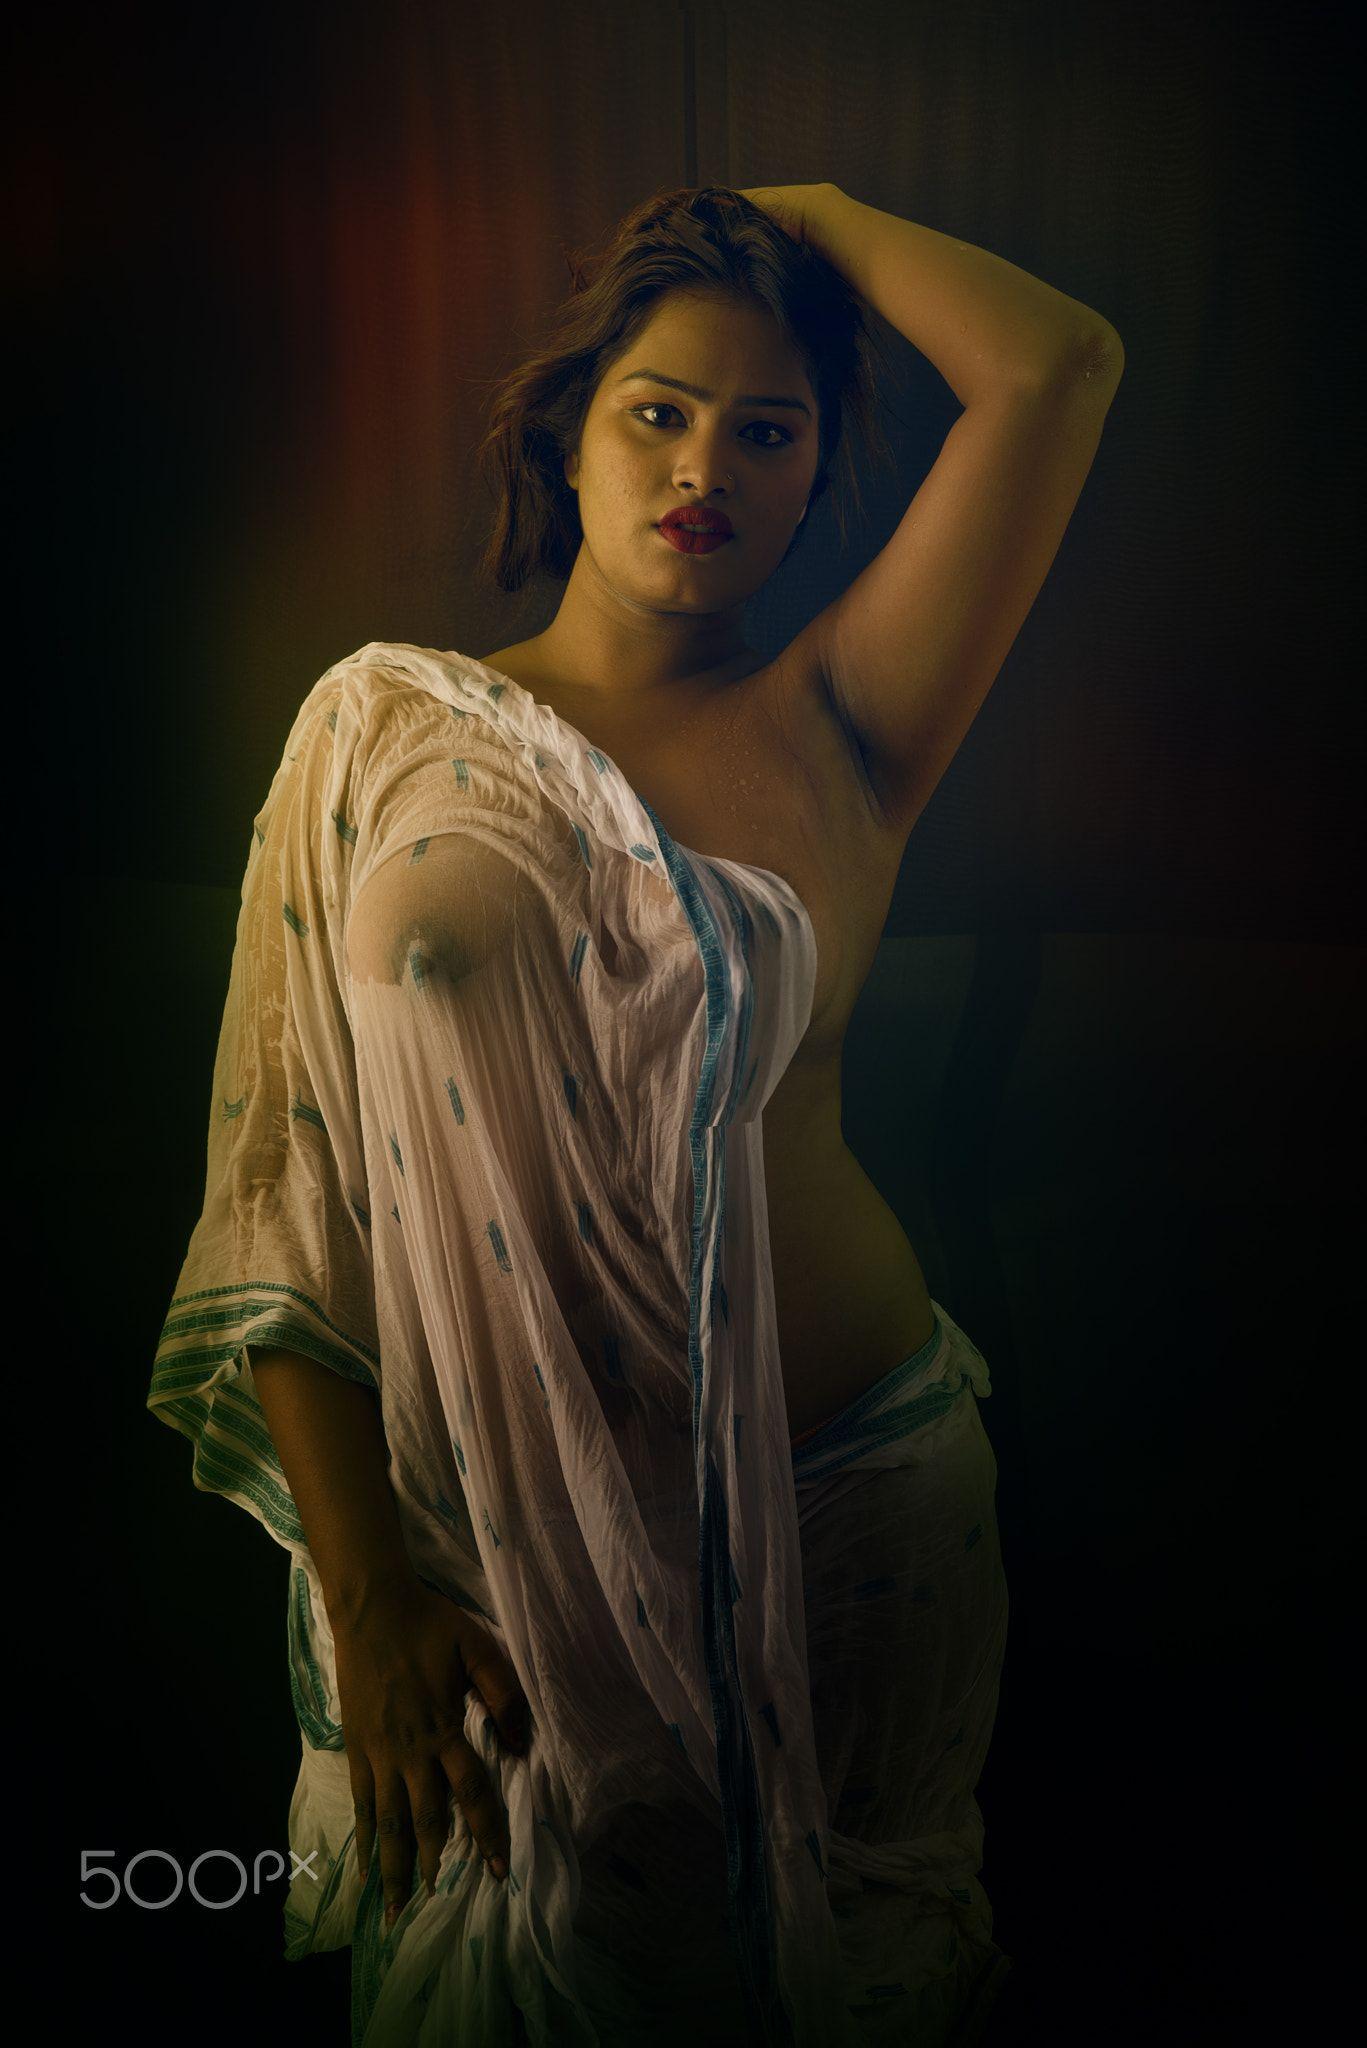 Nude In Wet Saree Nude In Wet Saree In Desperate Mood